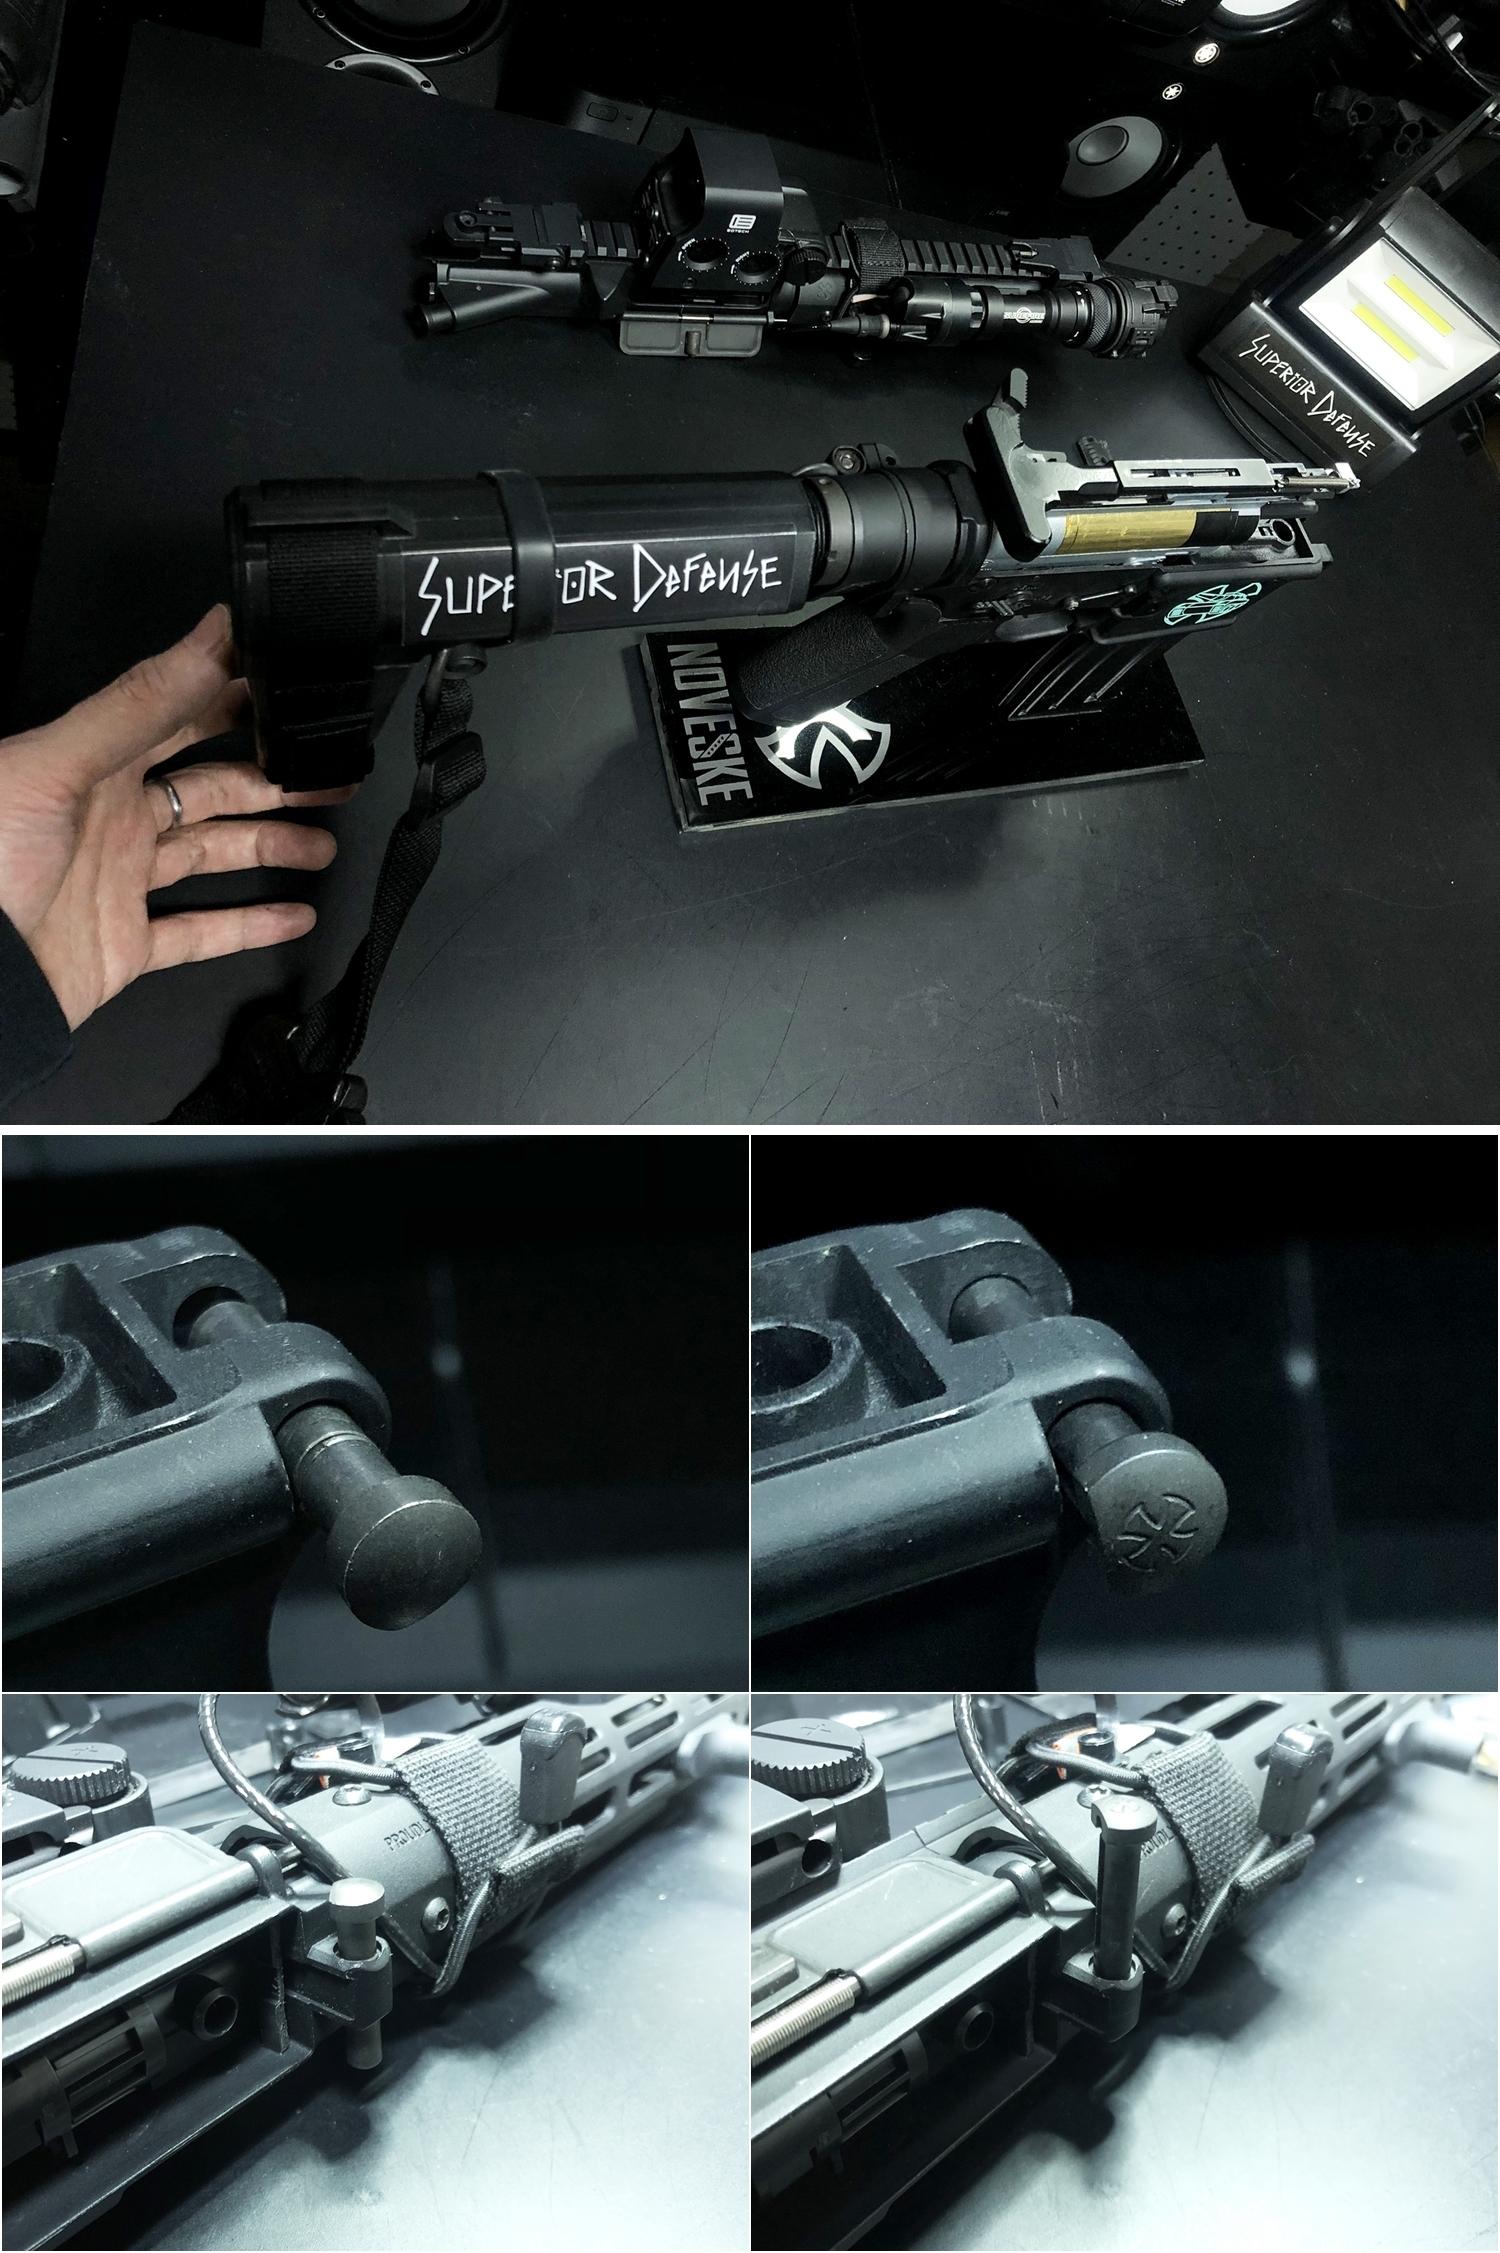 16 実物 NOVESKE AR-15 TAKEDOWN & PIVOT STEEL PIN!! 実物ピンを次世代M4へ対応させるべく簡易的DIY加工だ!ノベスケ ノベスキー スチール テイクダウン ピポッドピン! DIY 加工 カスタム 簡易的 旋盤加工 取付 レビ